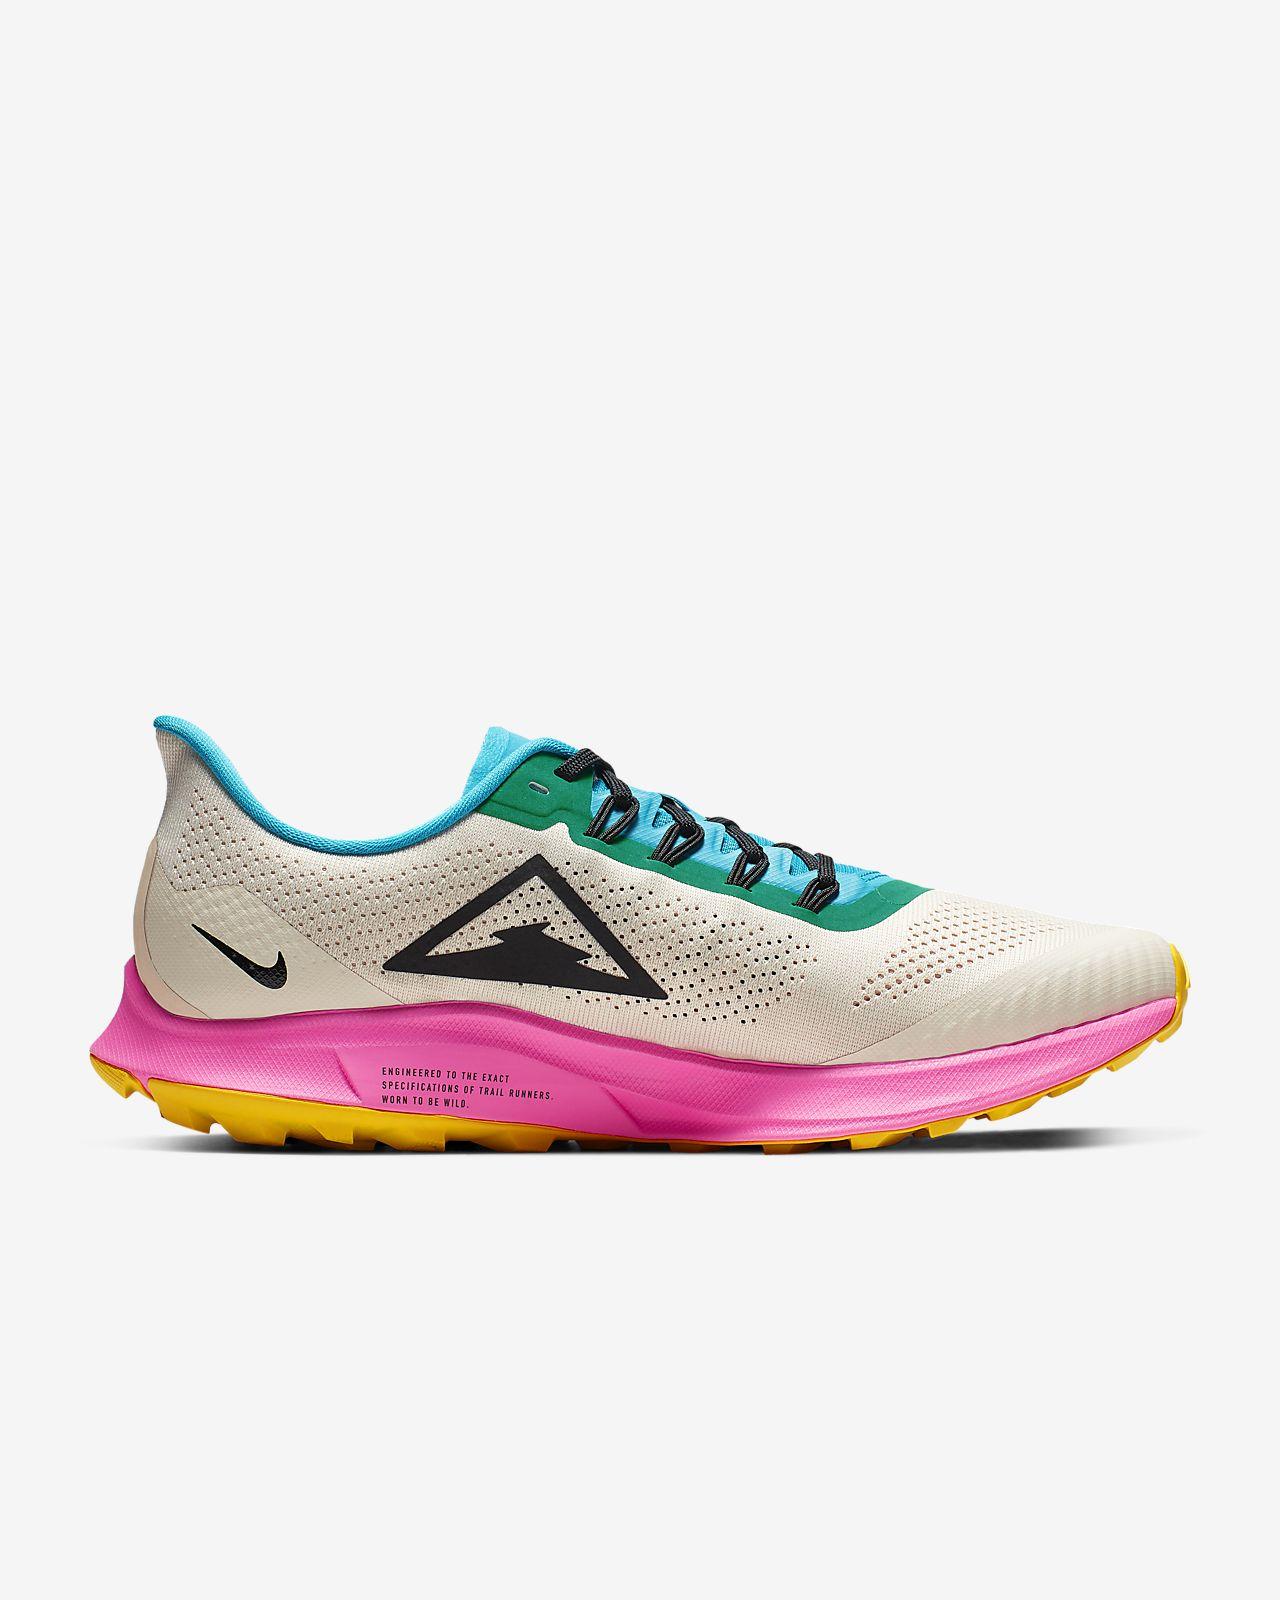 Pegasus Hrdsqtcx Homme Chaussure Zoom Nike De Air Pour Trail Running 36 F3Tcl1JK